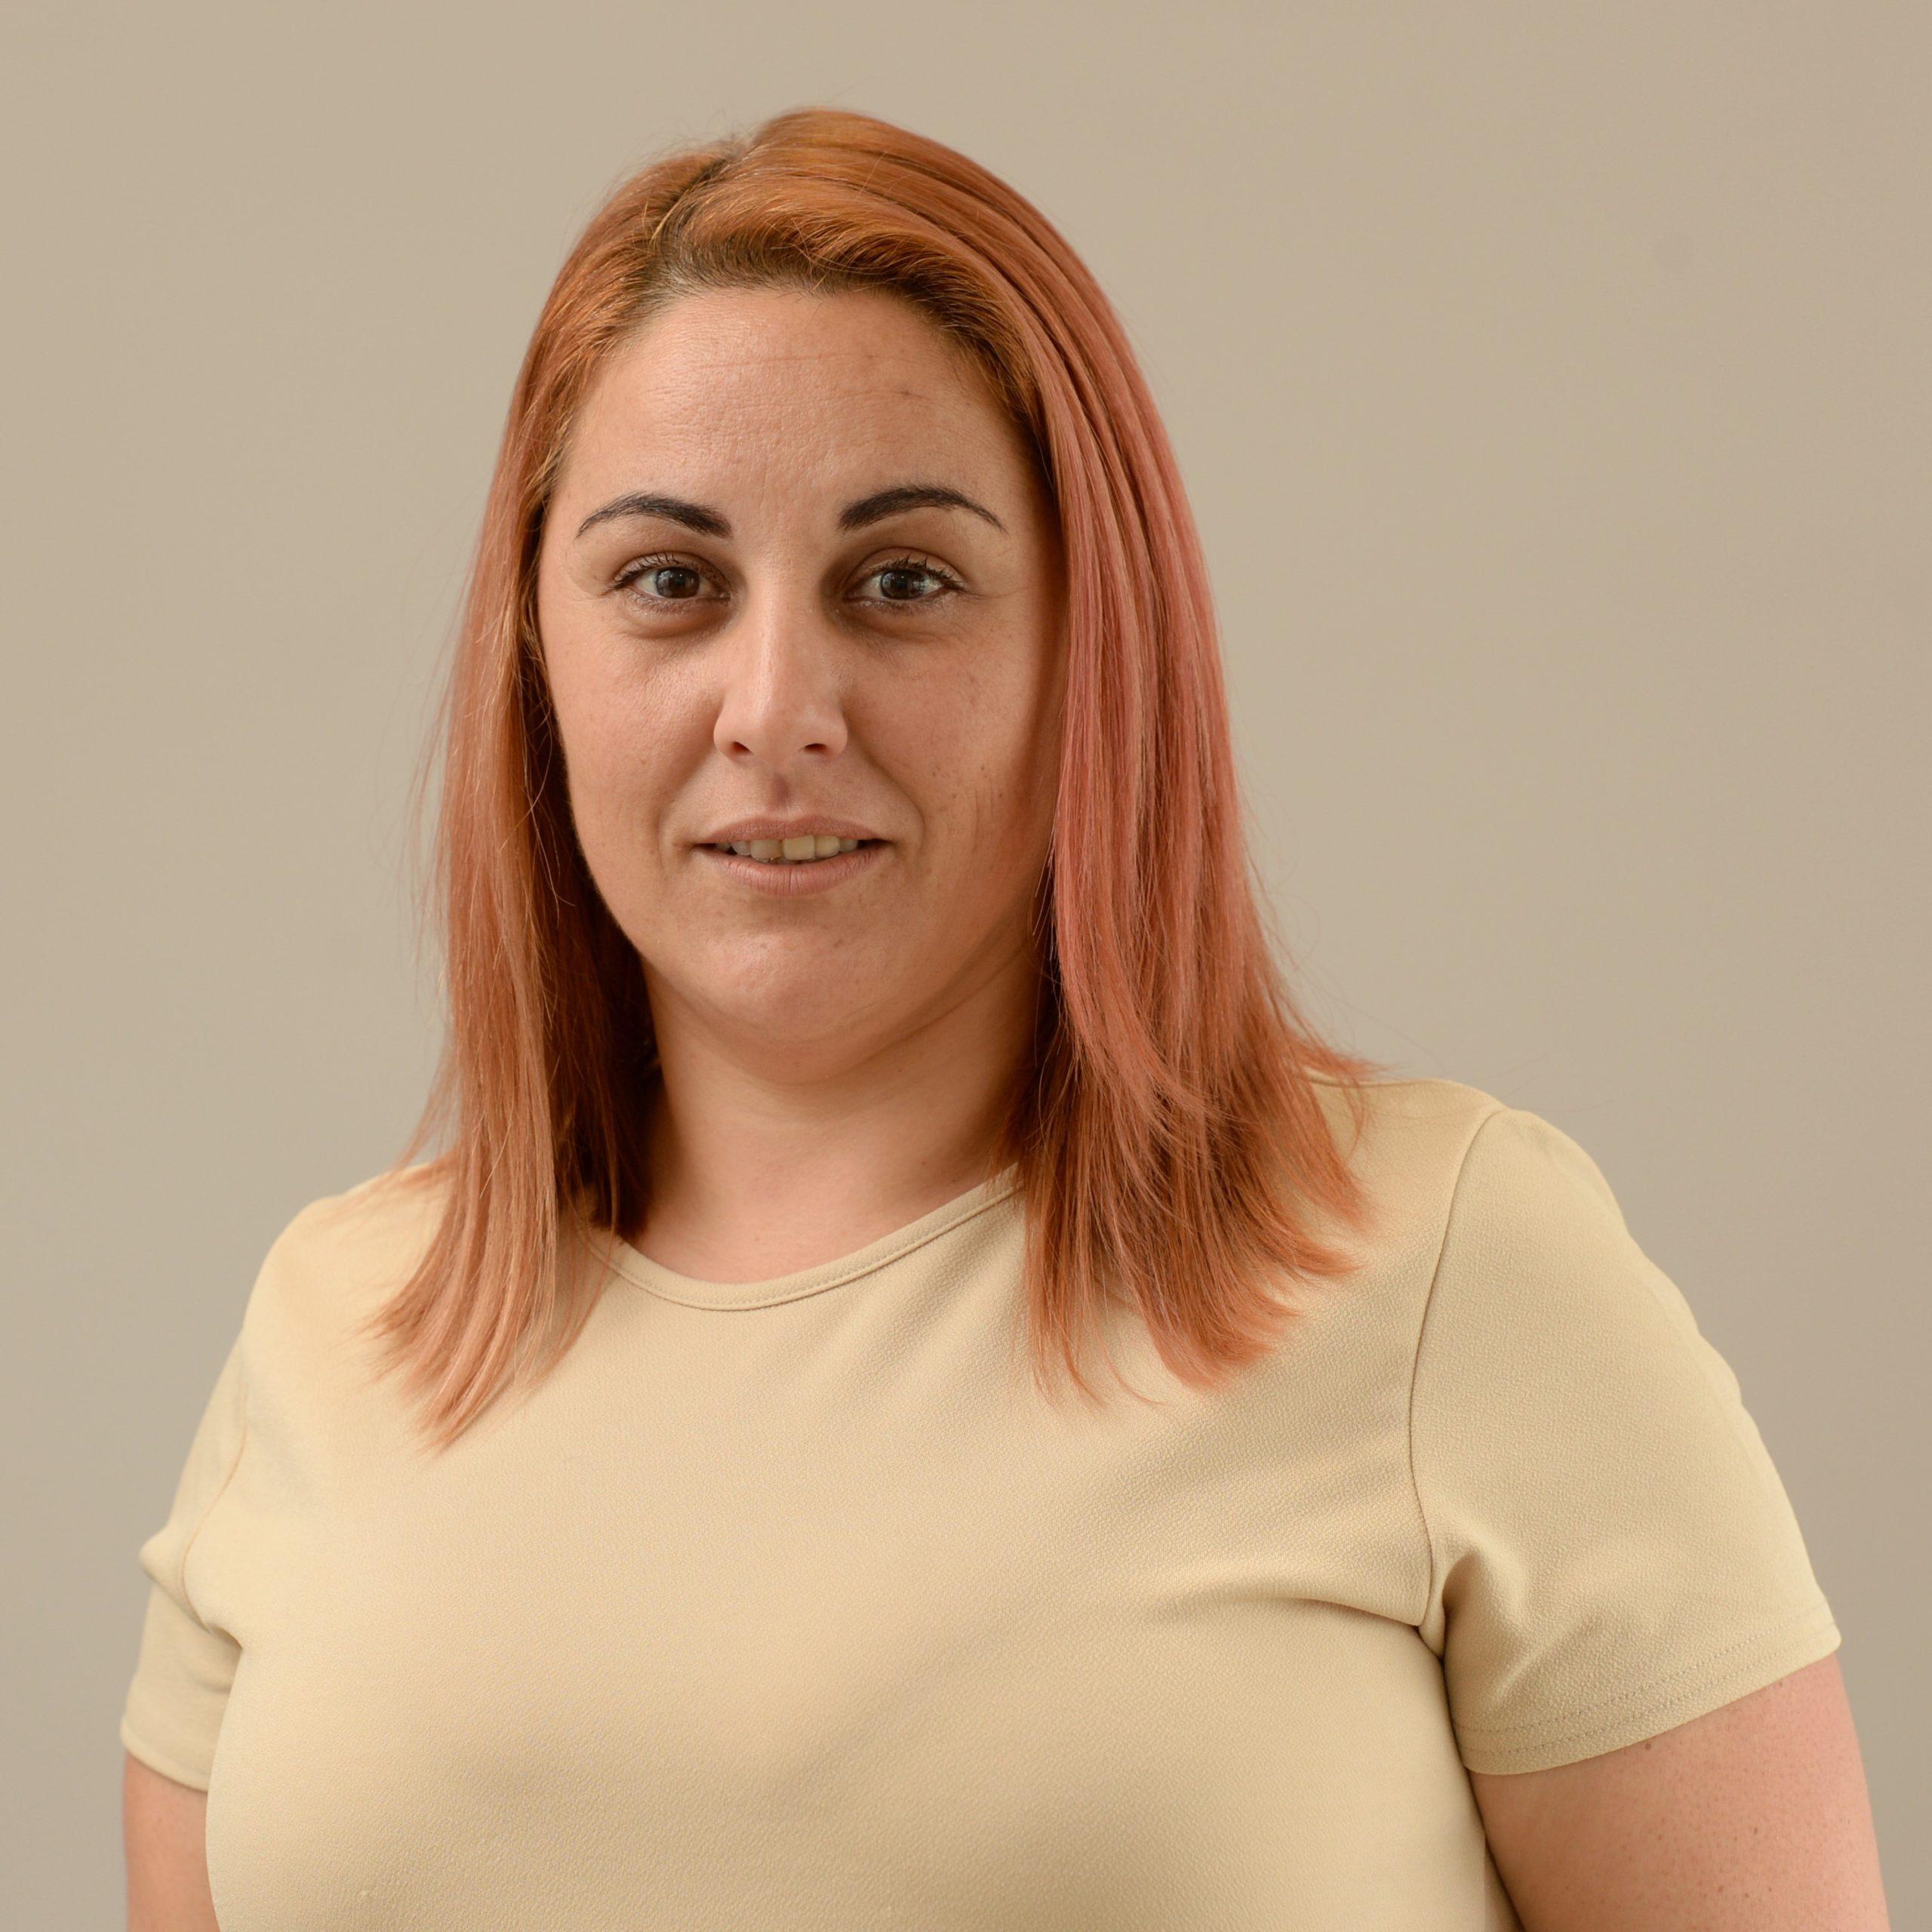 Alison Vella